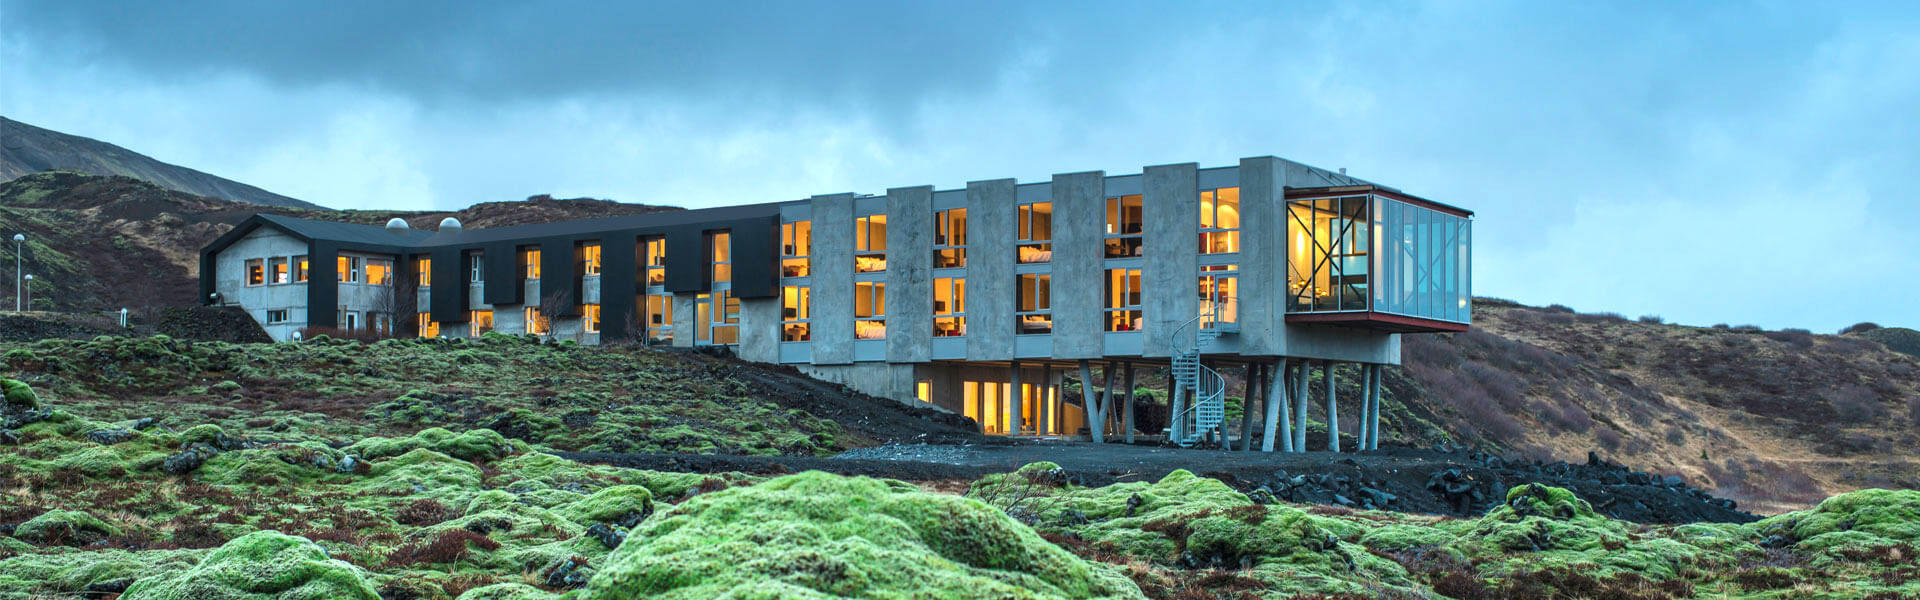 ION Adventure Hotel viaggio di nozze in Islanda 1